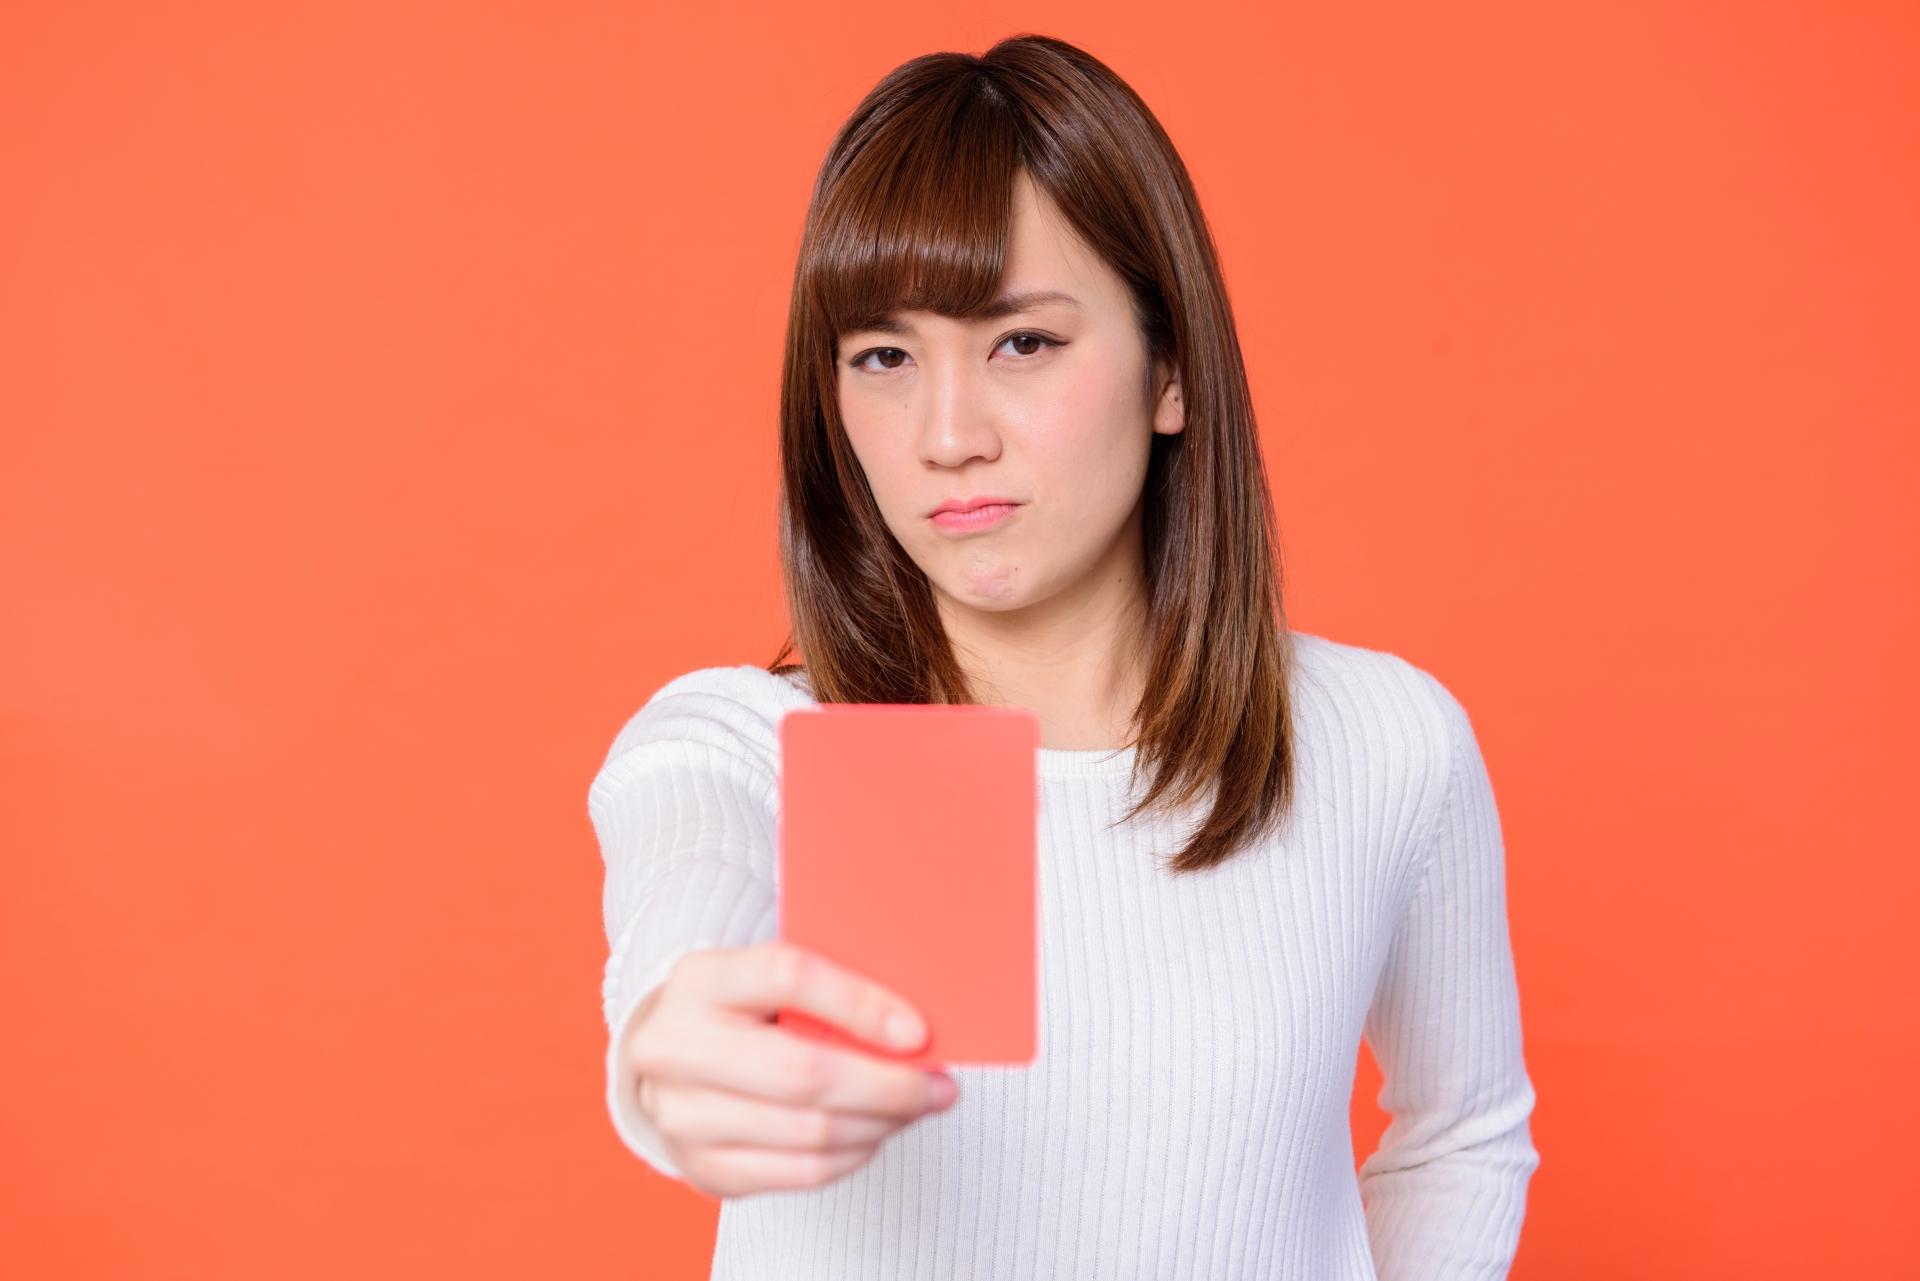 レッカードを出す女性